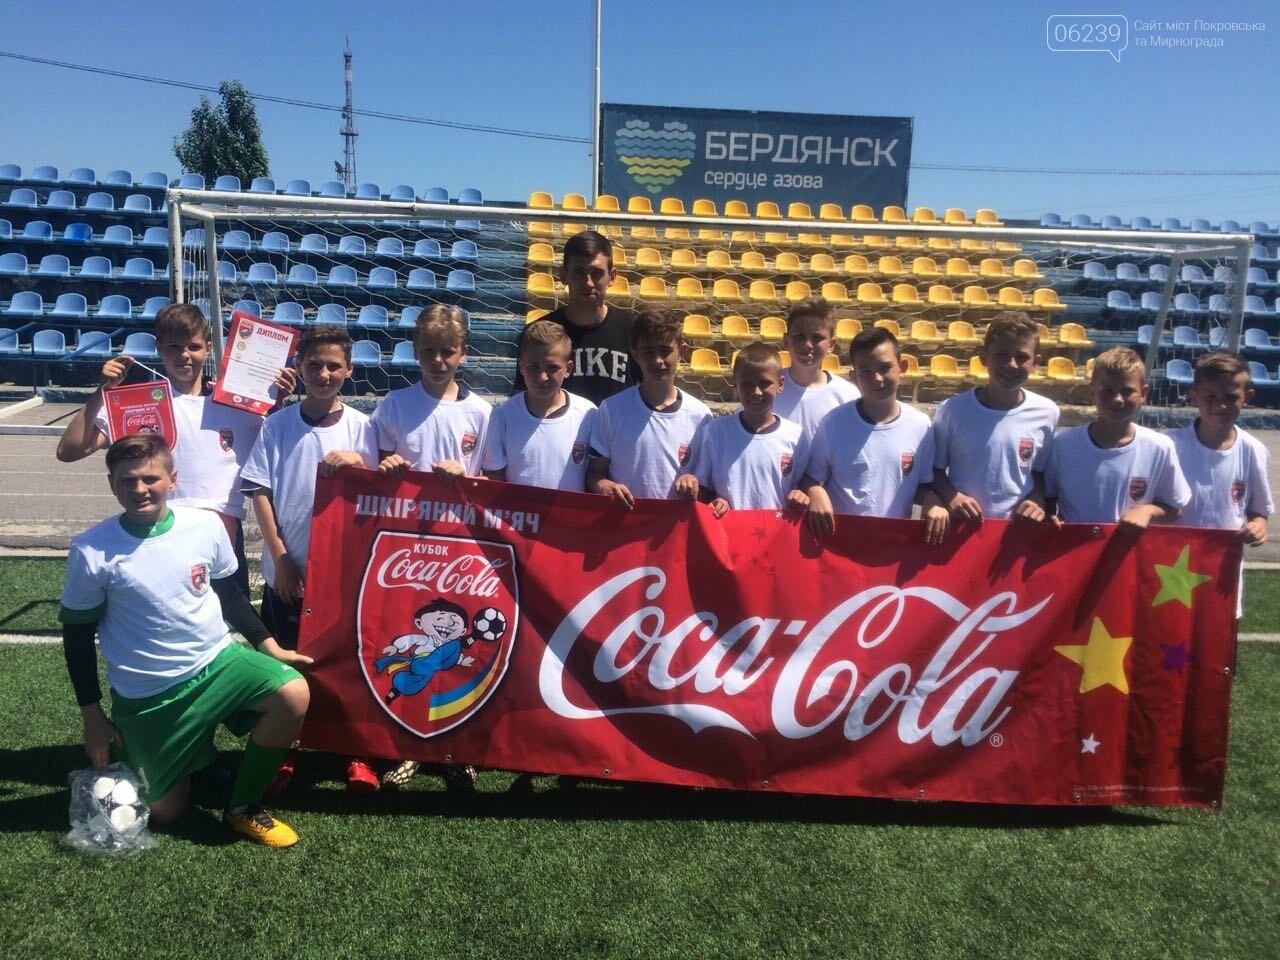 Спортсмены из Покровска заняли призовое место в соревнованиях по футболу, фото-2